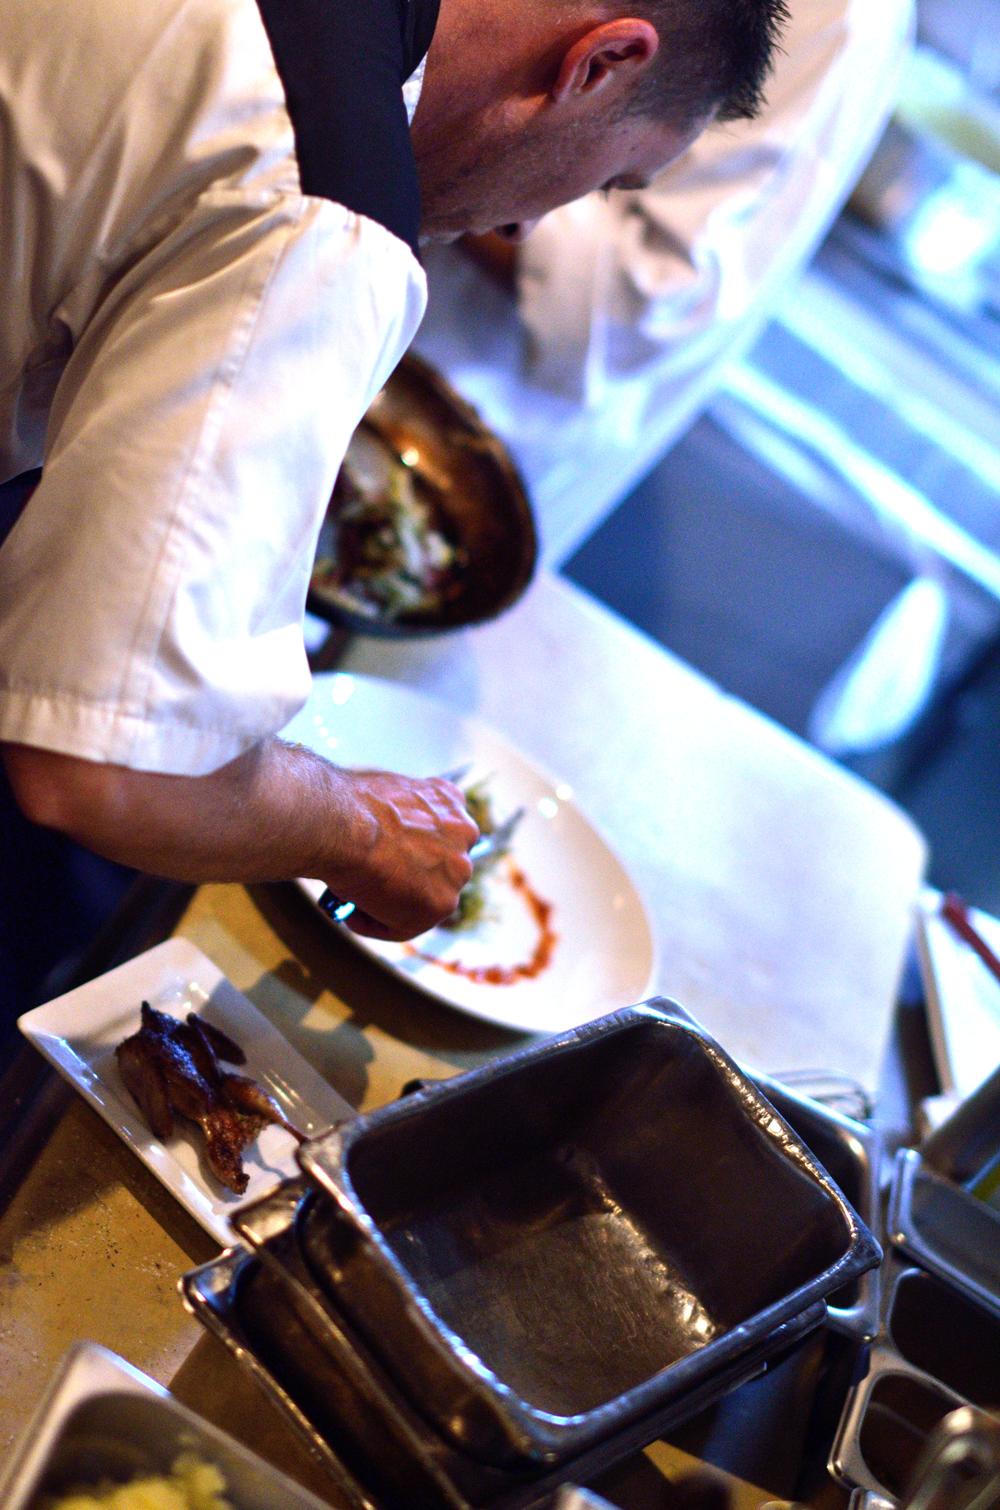 Parkway Grill Cef preparing scallop entrée